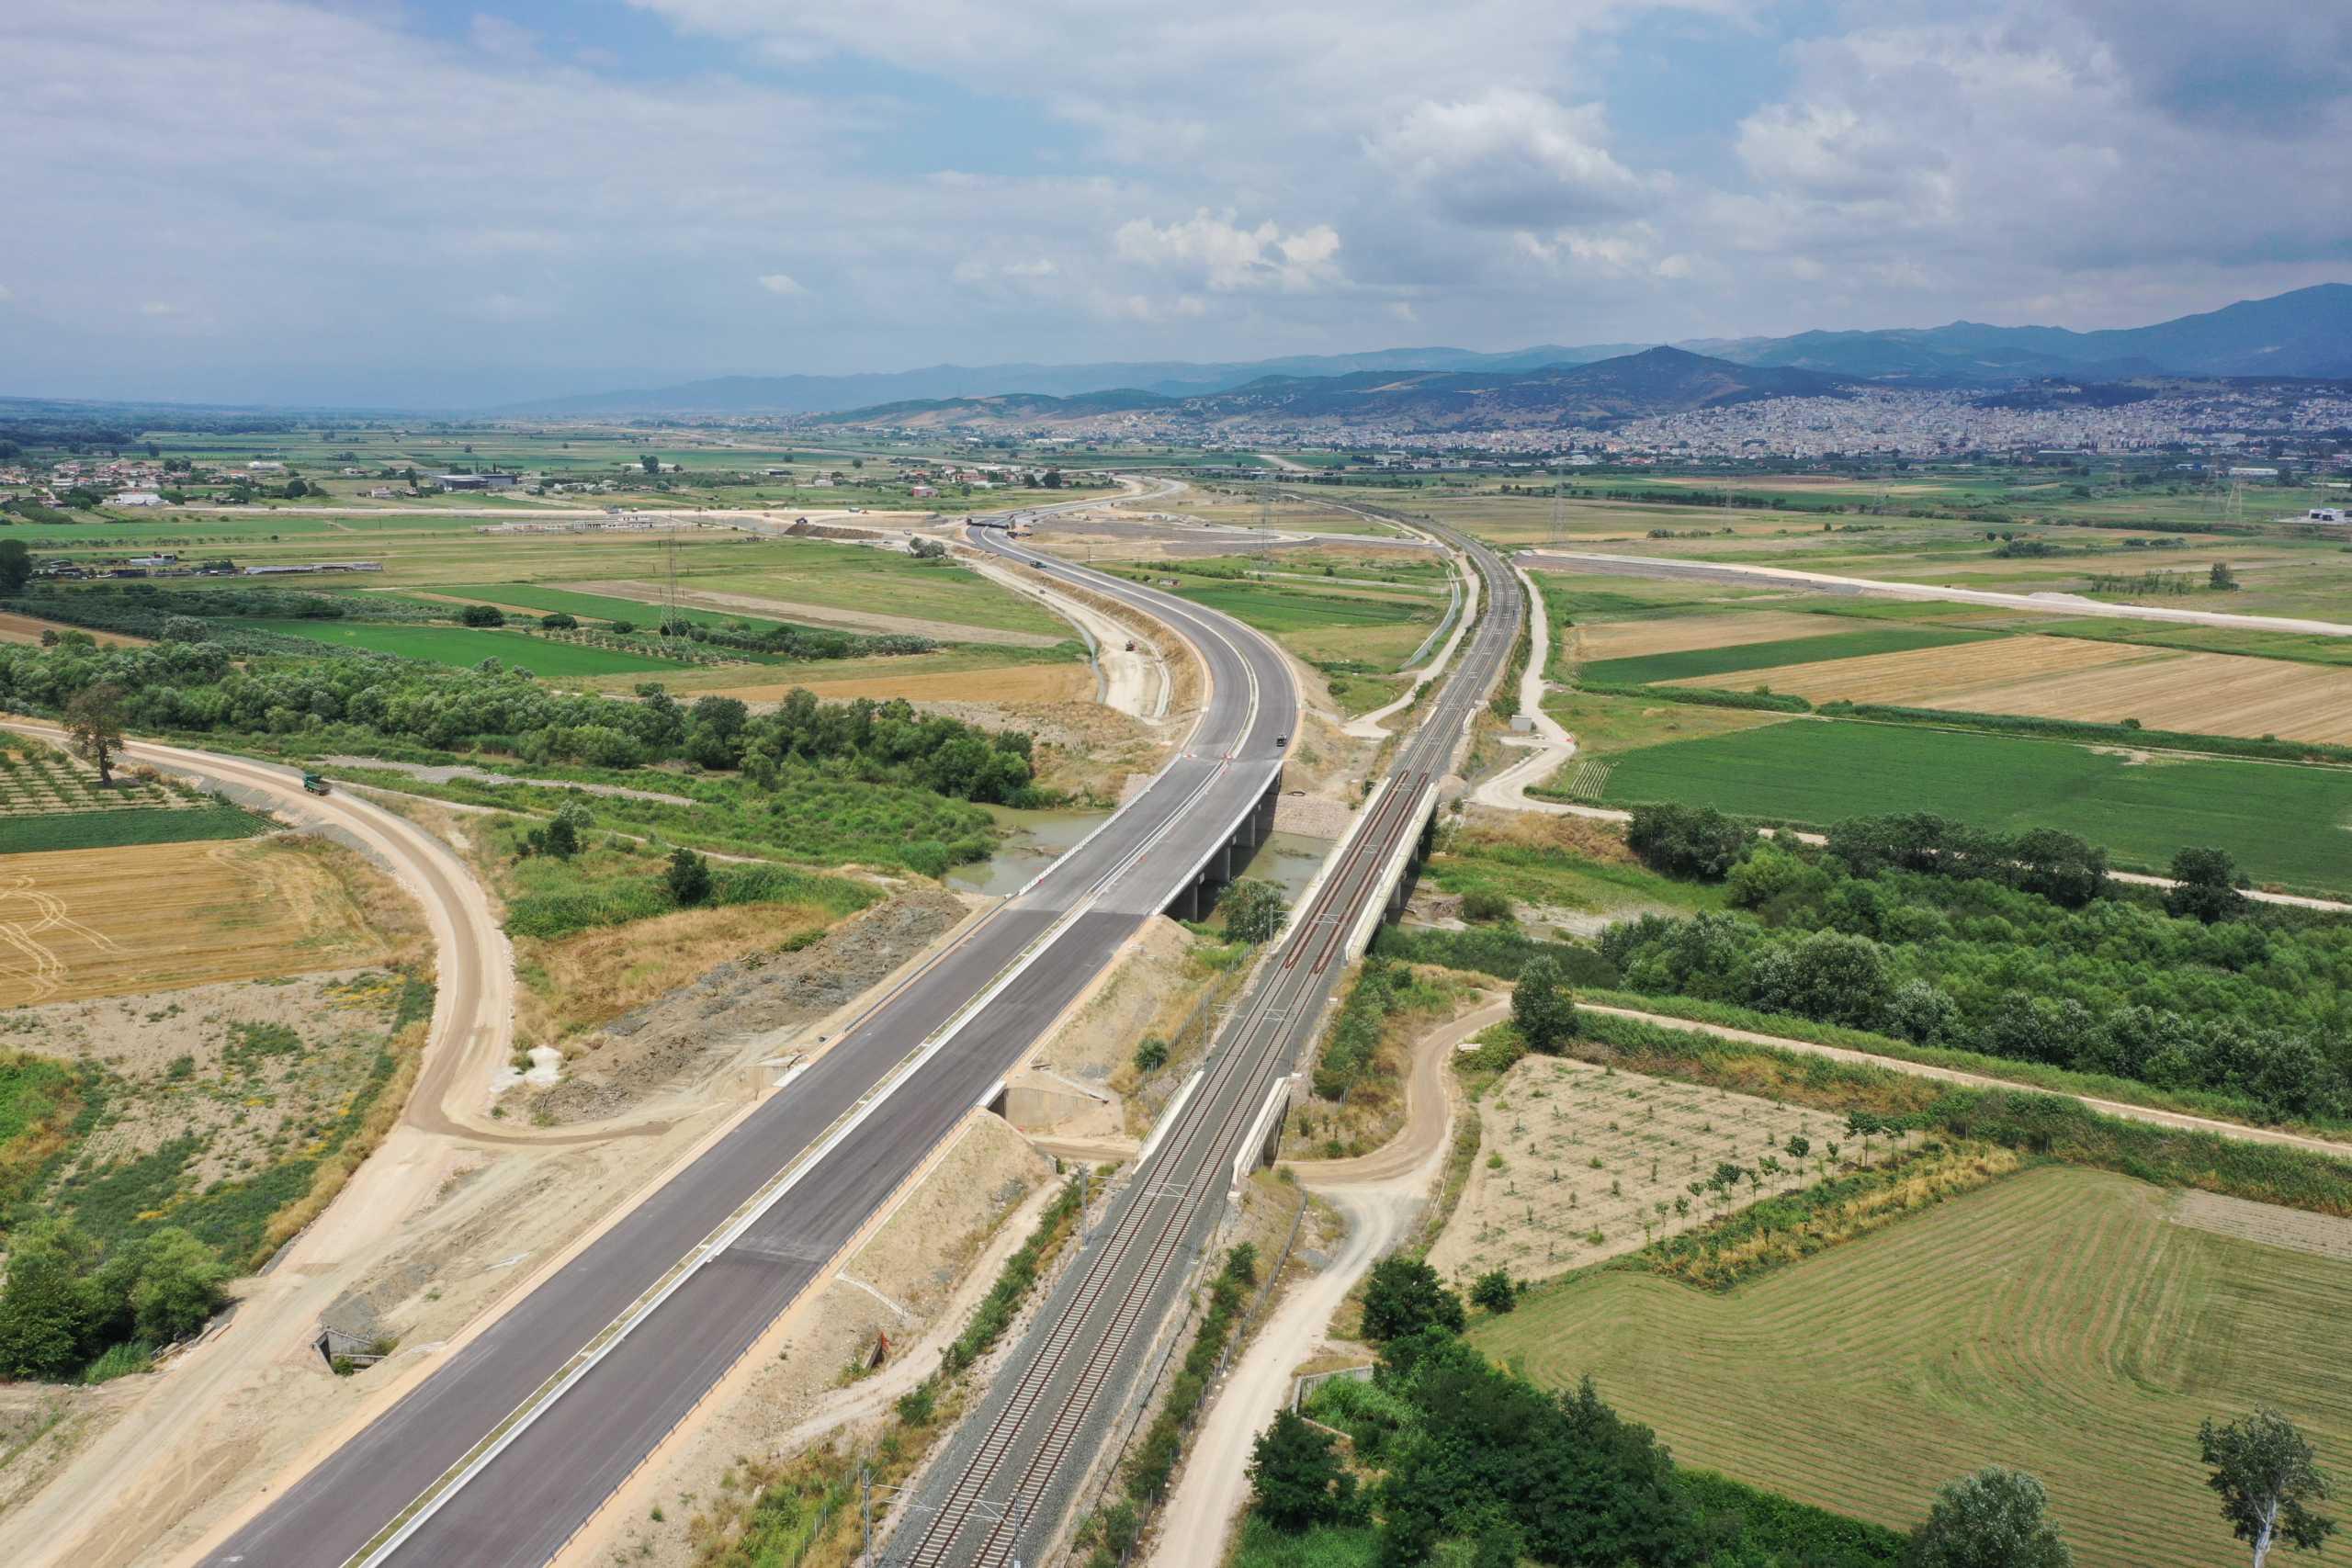 Καραμανλής: Μέσα στο '21 ξεκινά η κατασκευή του Ε65 και της Γραμμής 4 του Μετρό